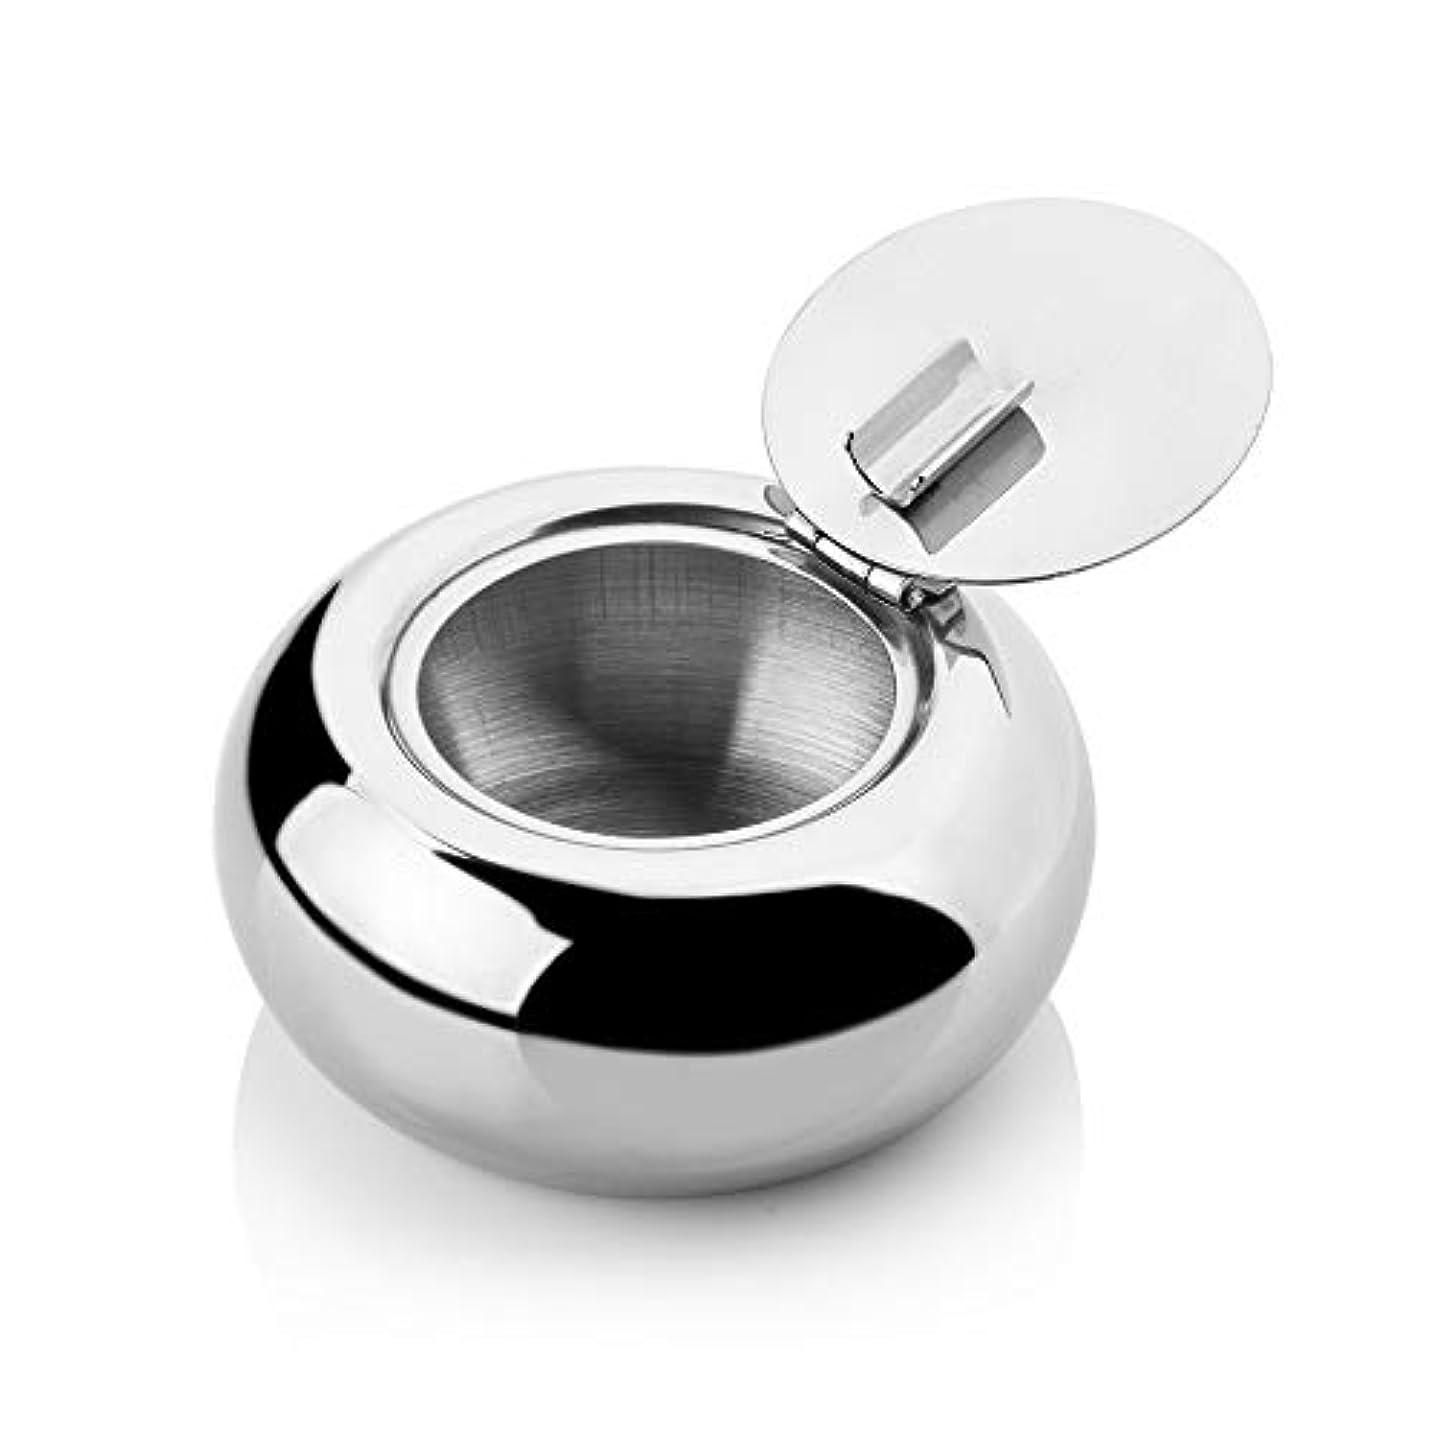 スキル親密な大きいステンレス鋼の覆われた灰皿、屋内/屋外の普遍的な灰皿、きれいにすること容易防風の灰皿 (色 : L)